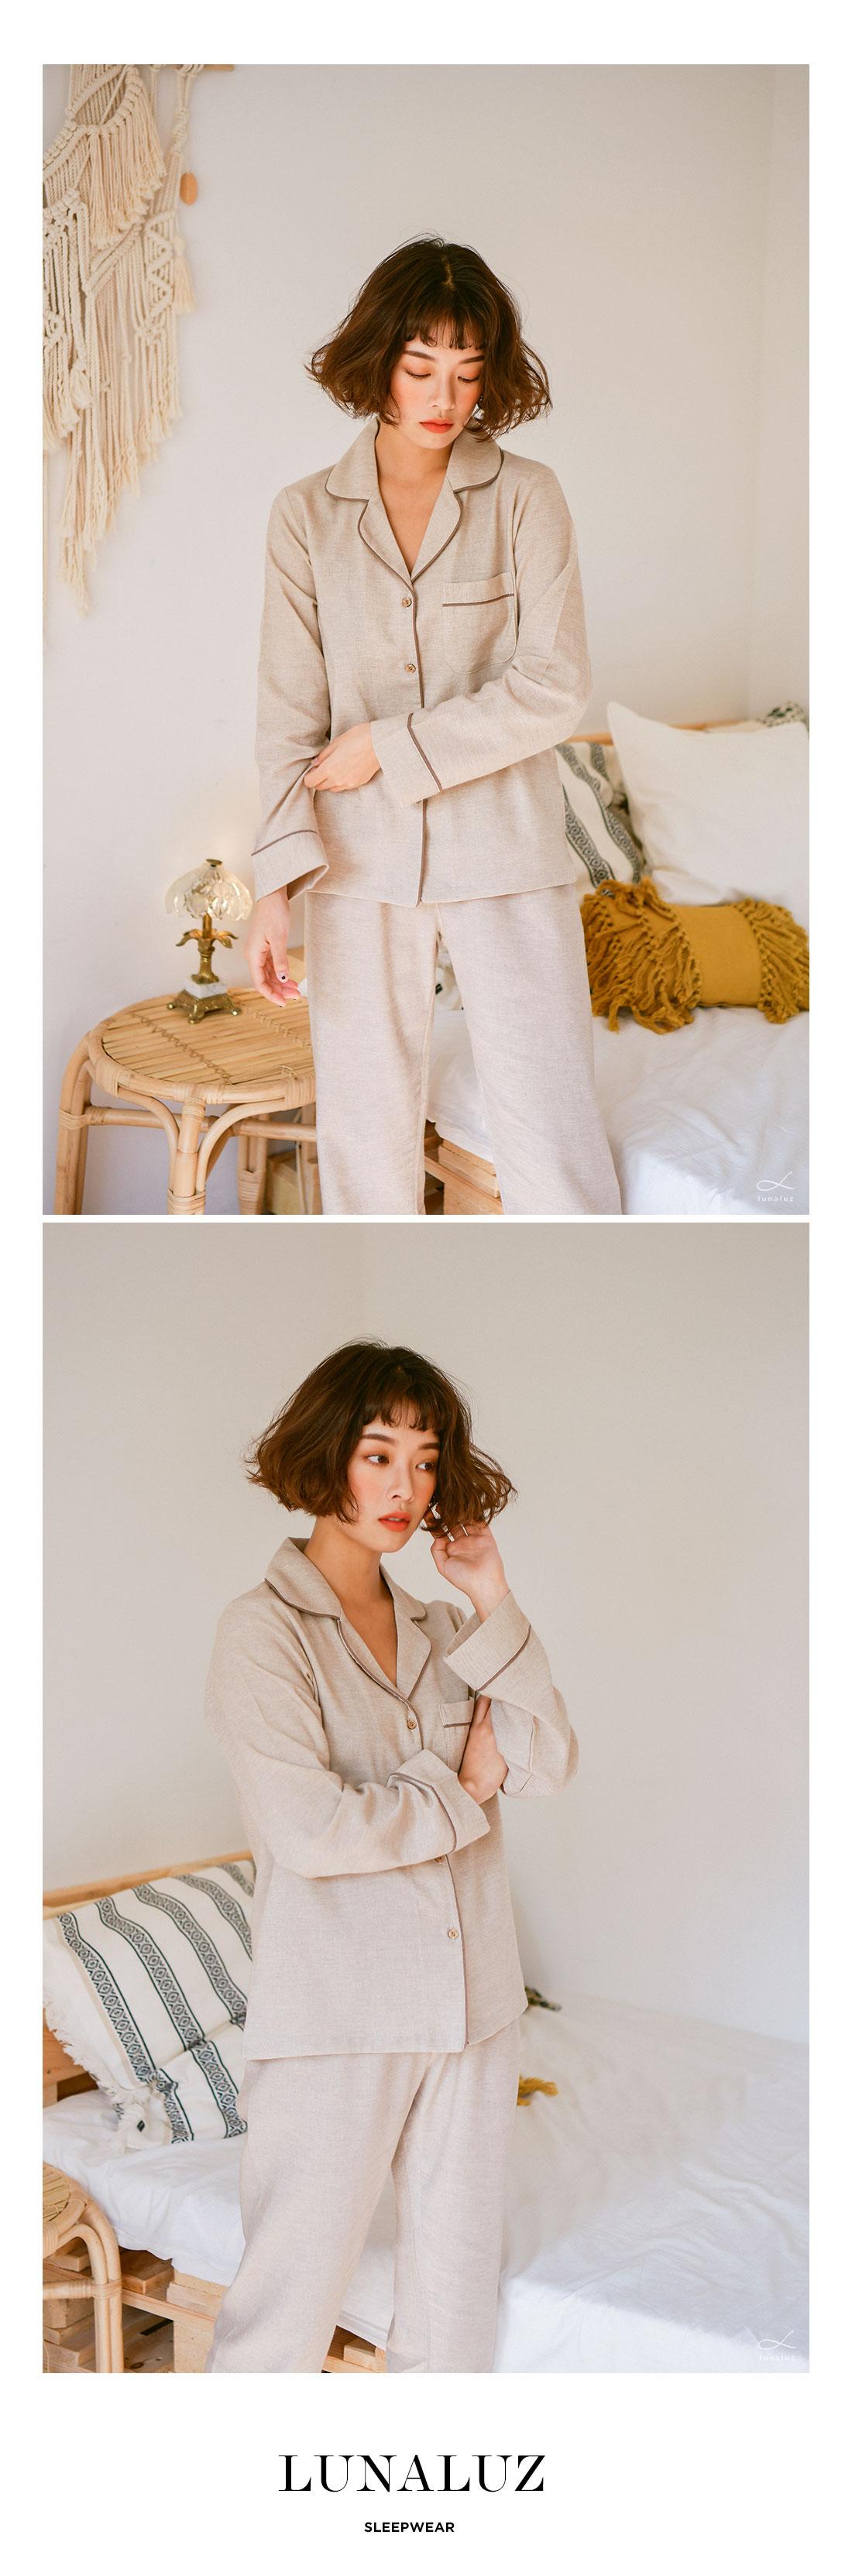 선염면 긴소매카라형 투피스 여성잠옷 W406 - 쿠비카, 75,000원, 잠옷, 여성파자마